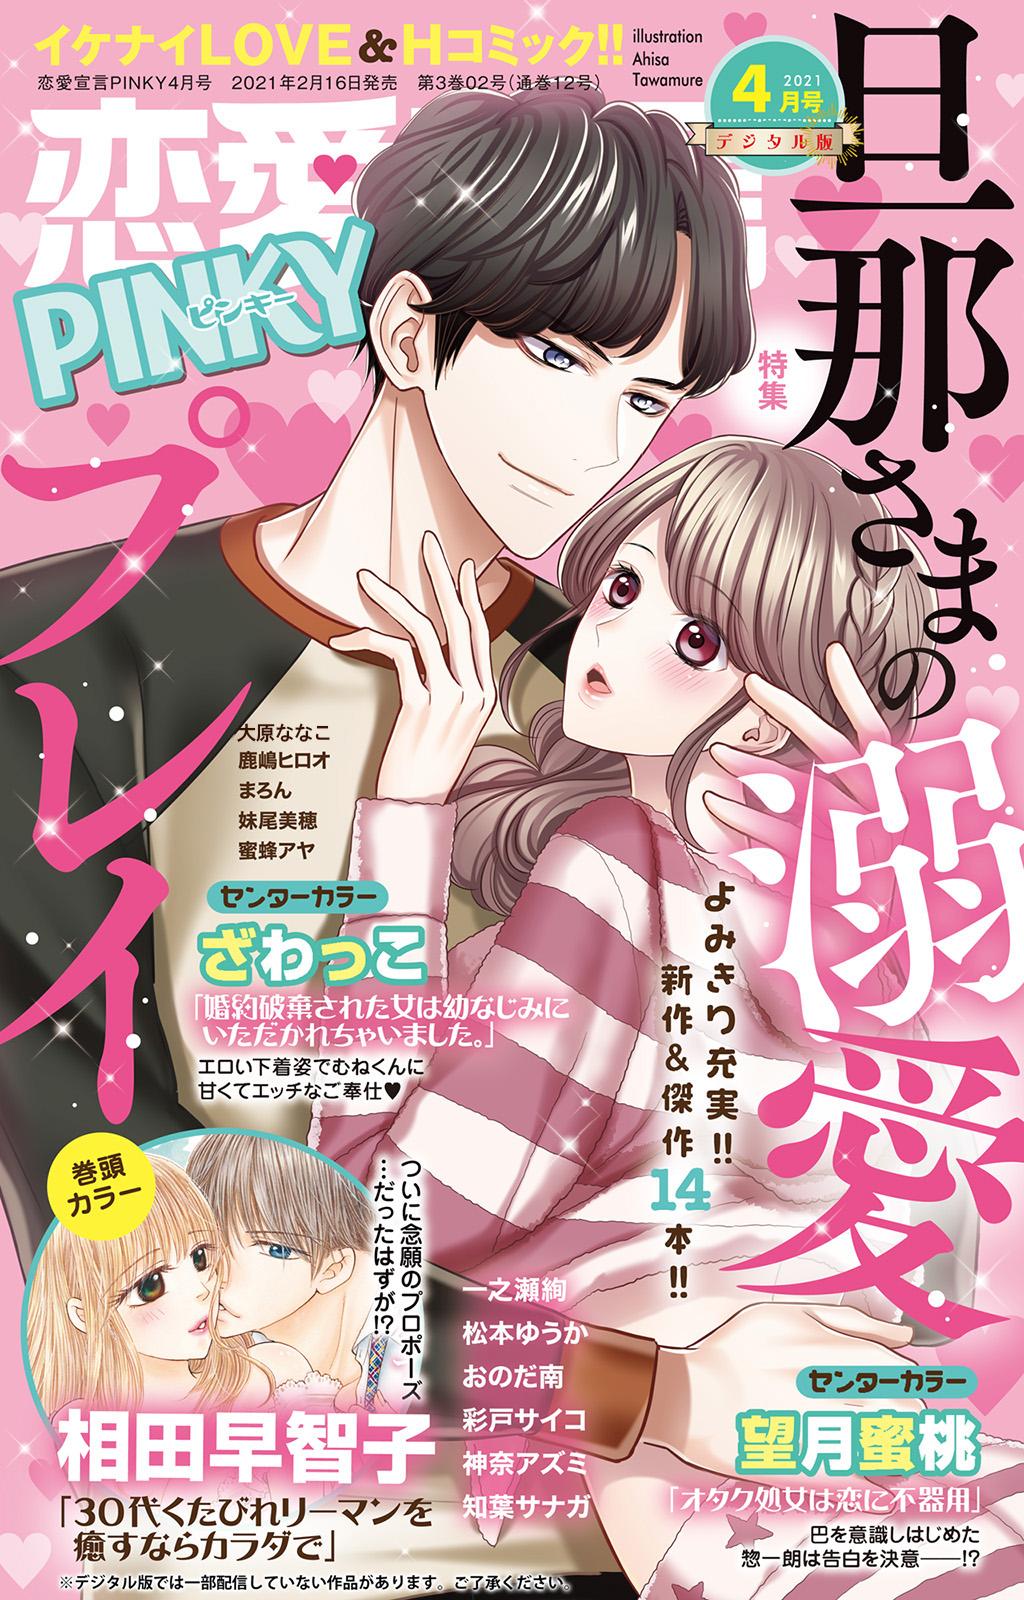 恋愛宣言PINKY 2021年4月号